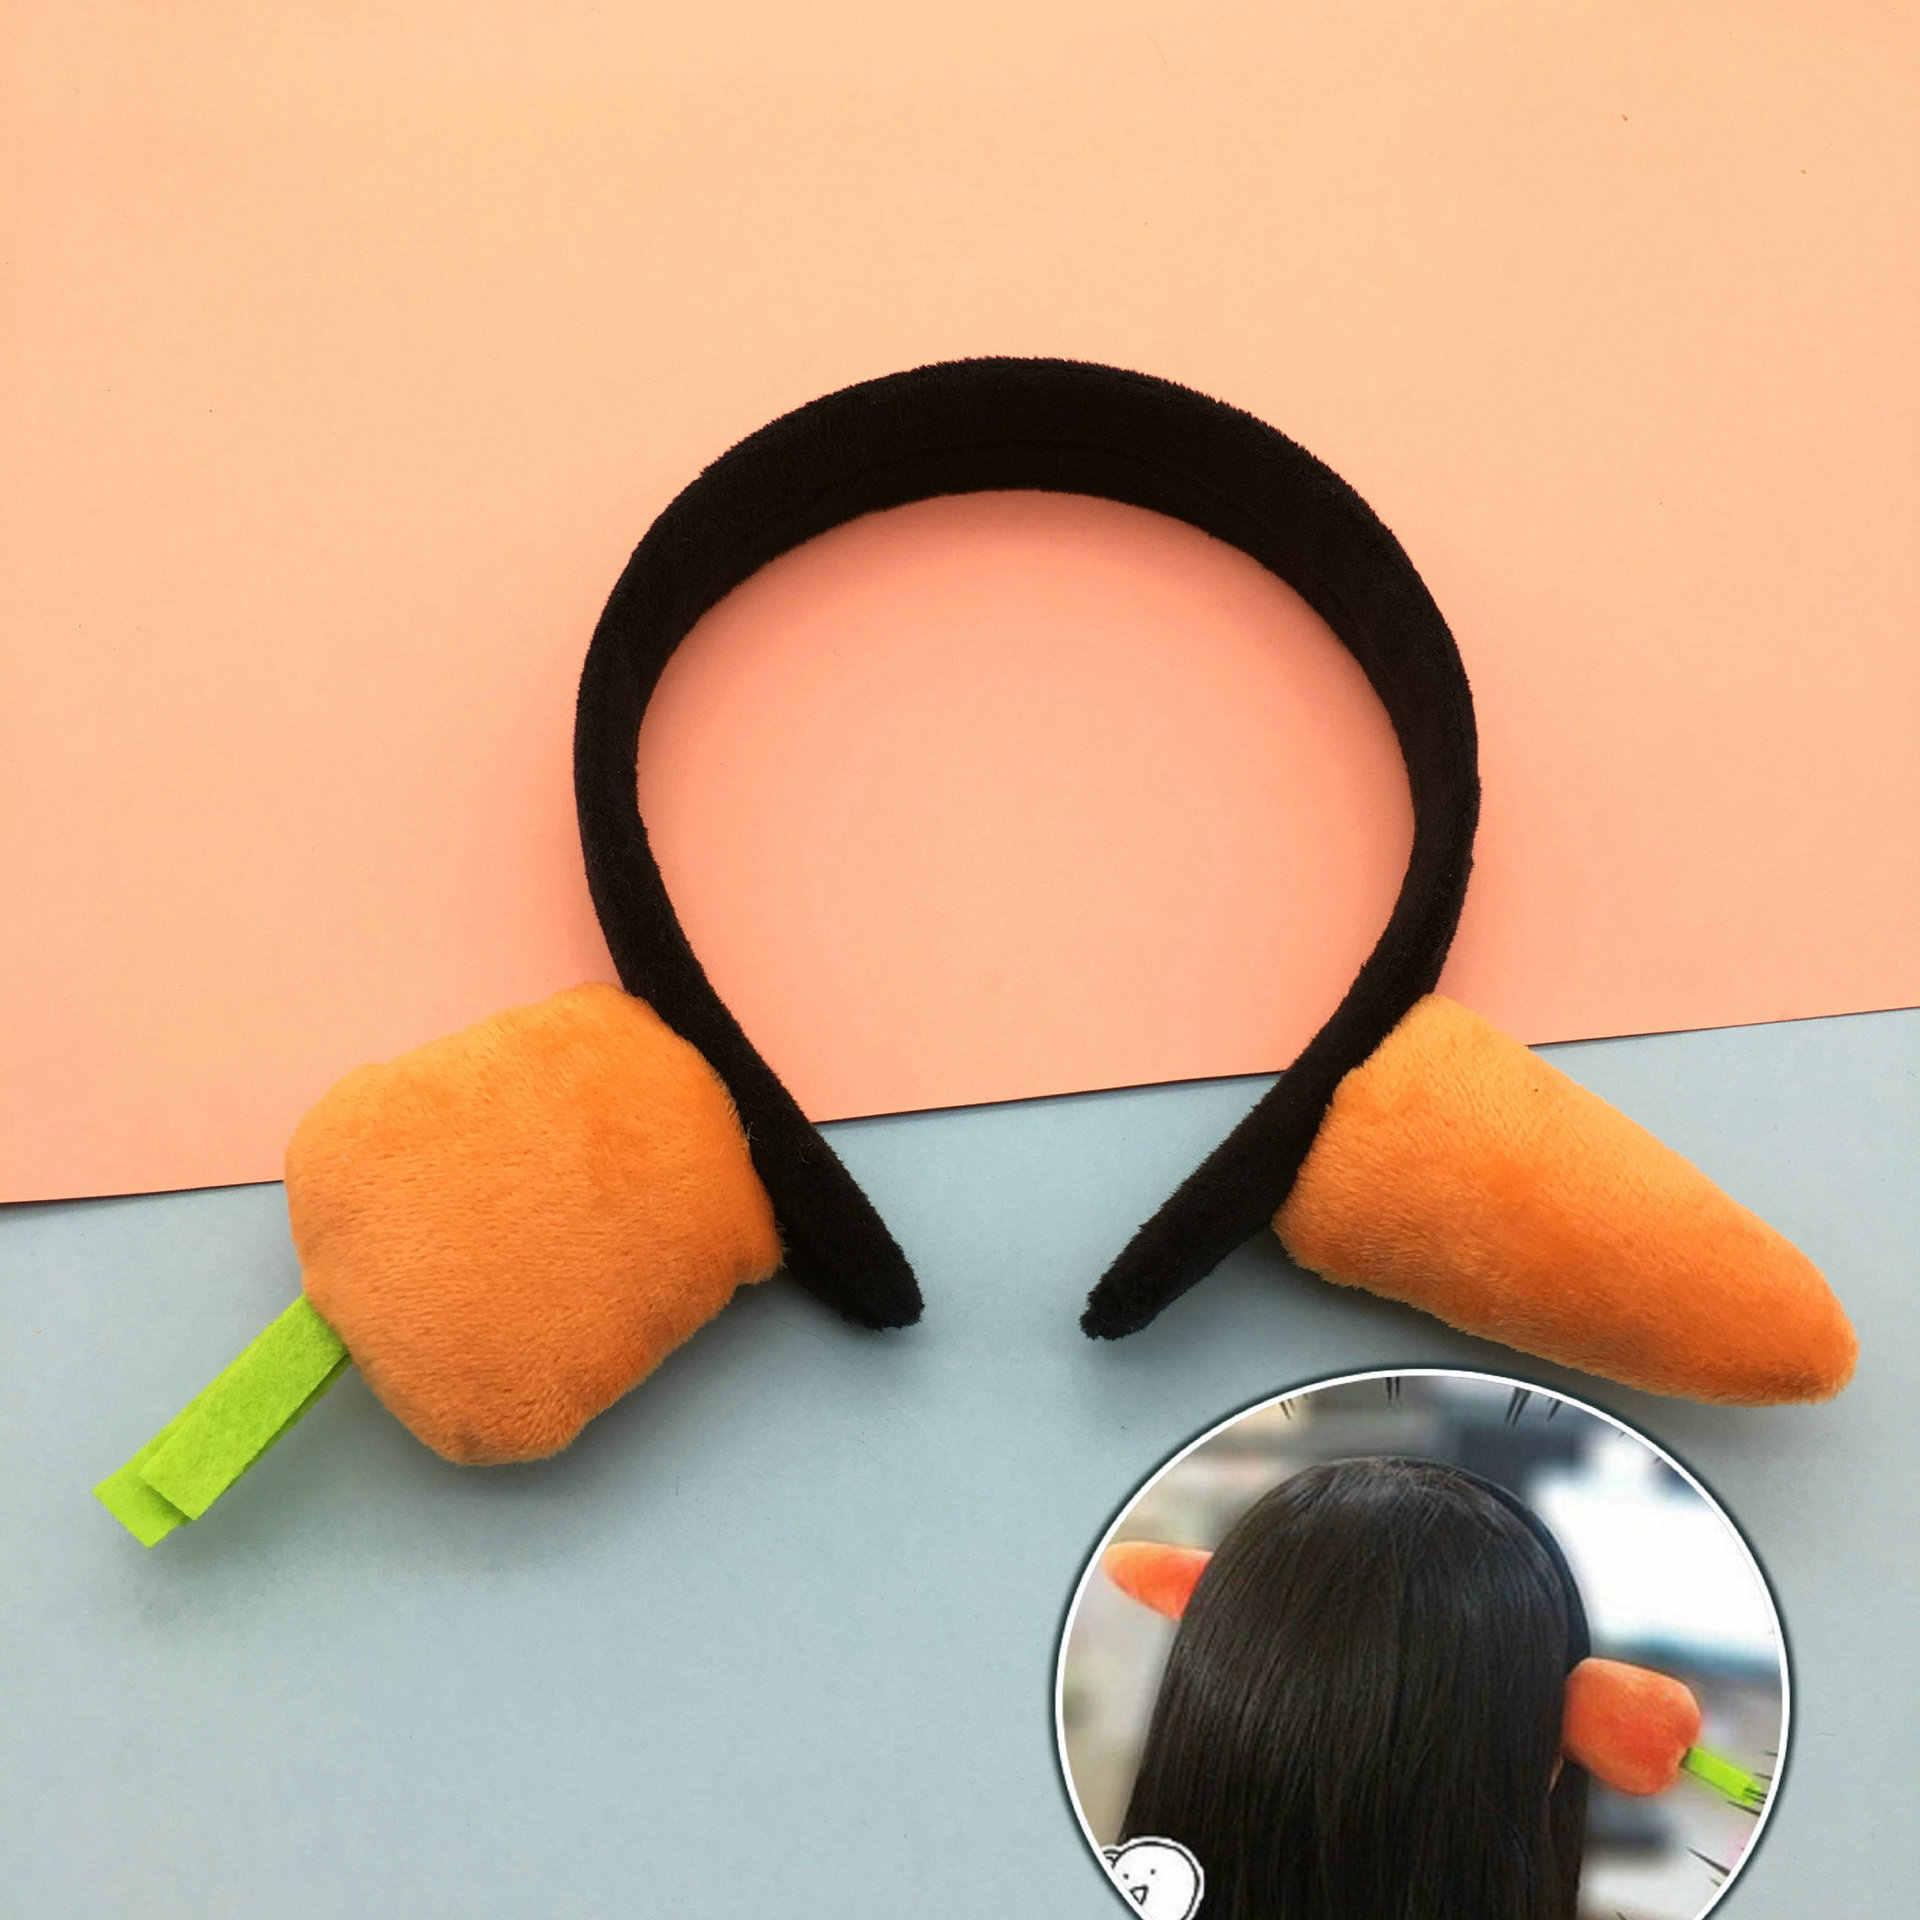 Nowa kreskówka marchewka hairband noszenie warzyw akcesoria do włosów stroik koreański kreatywna biżuteria factory outlet